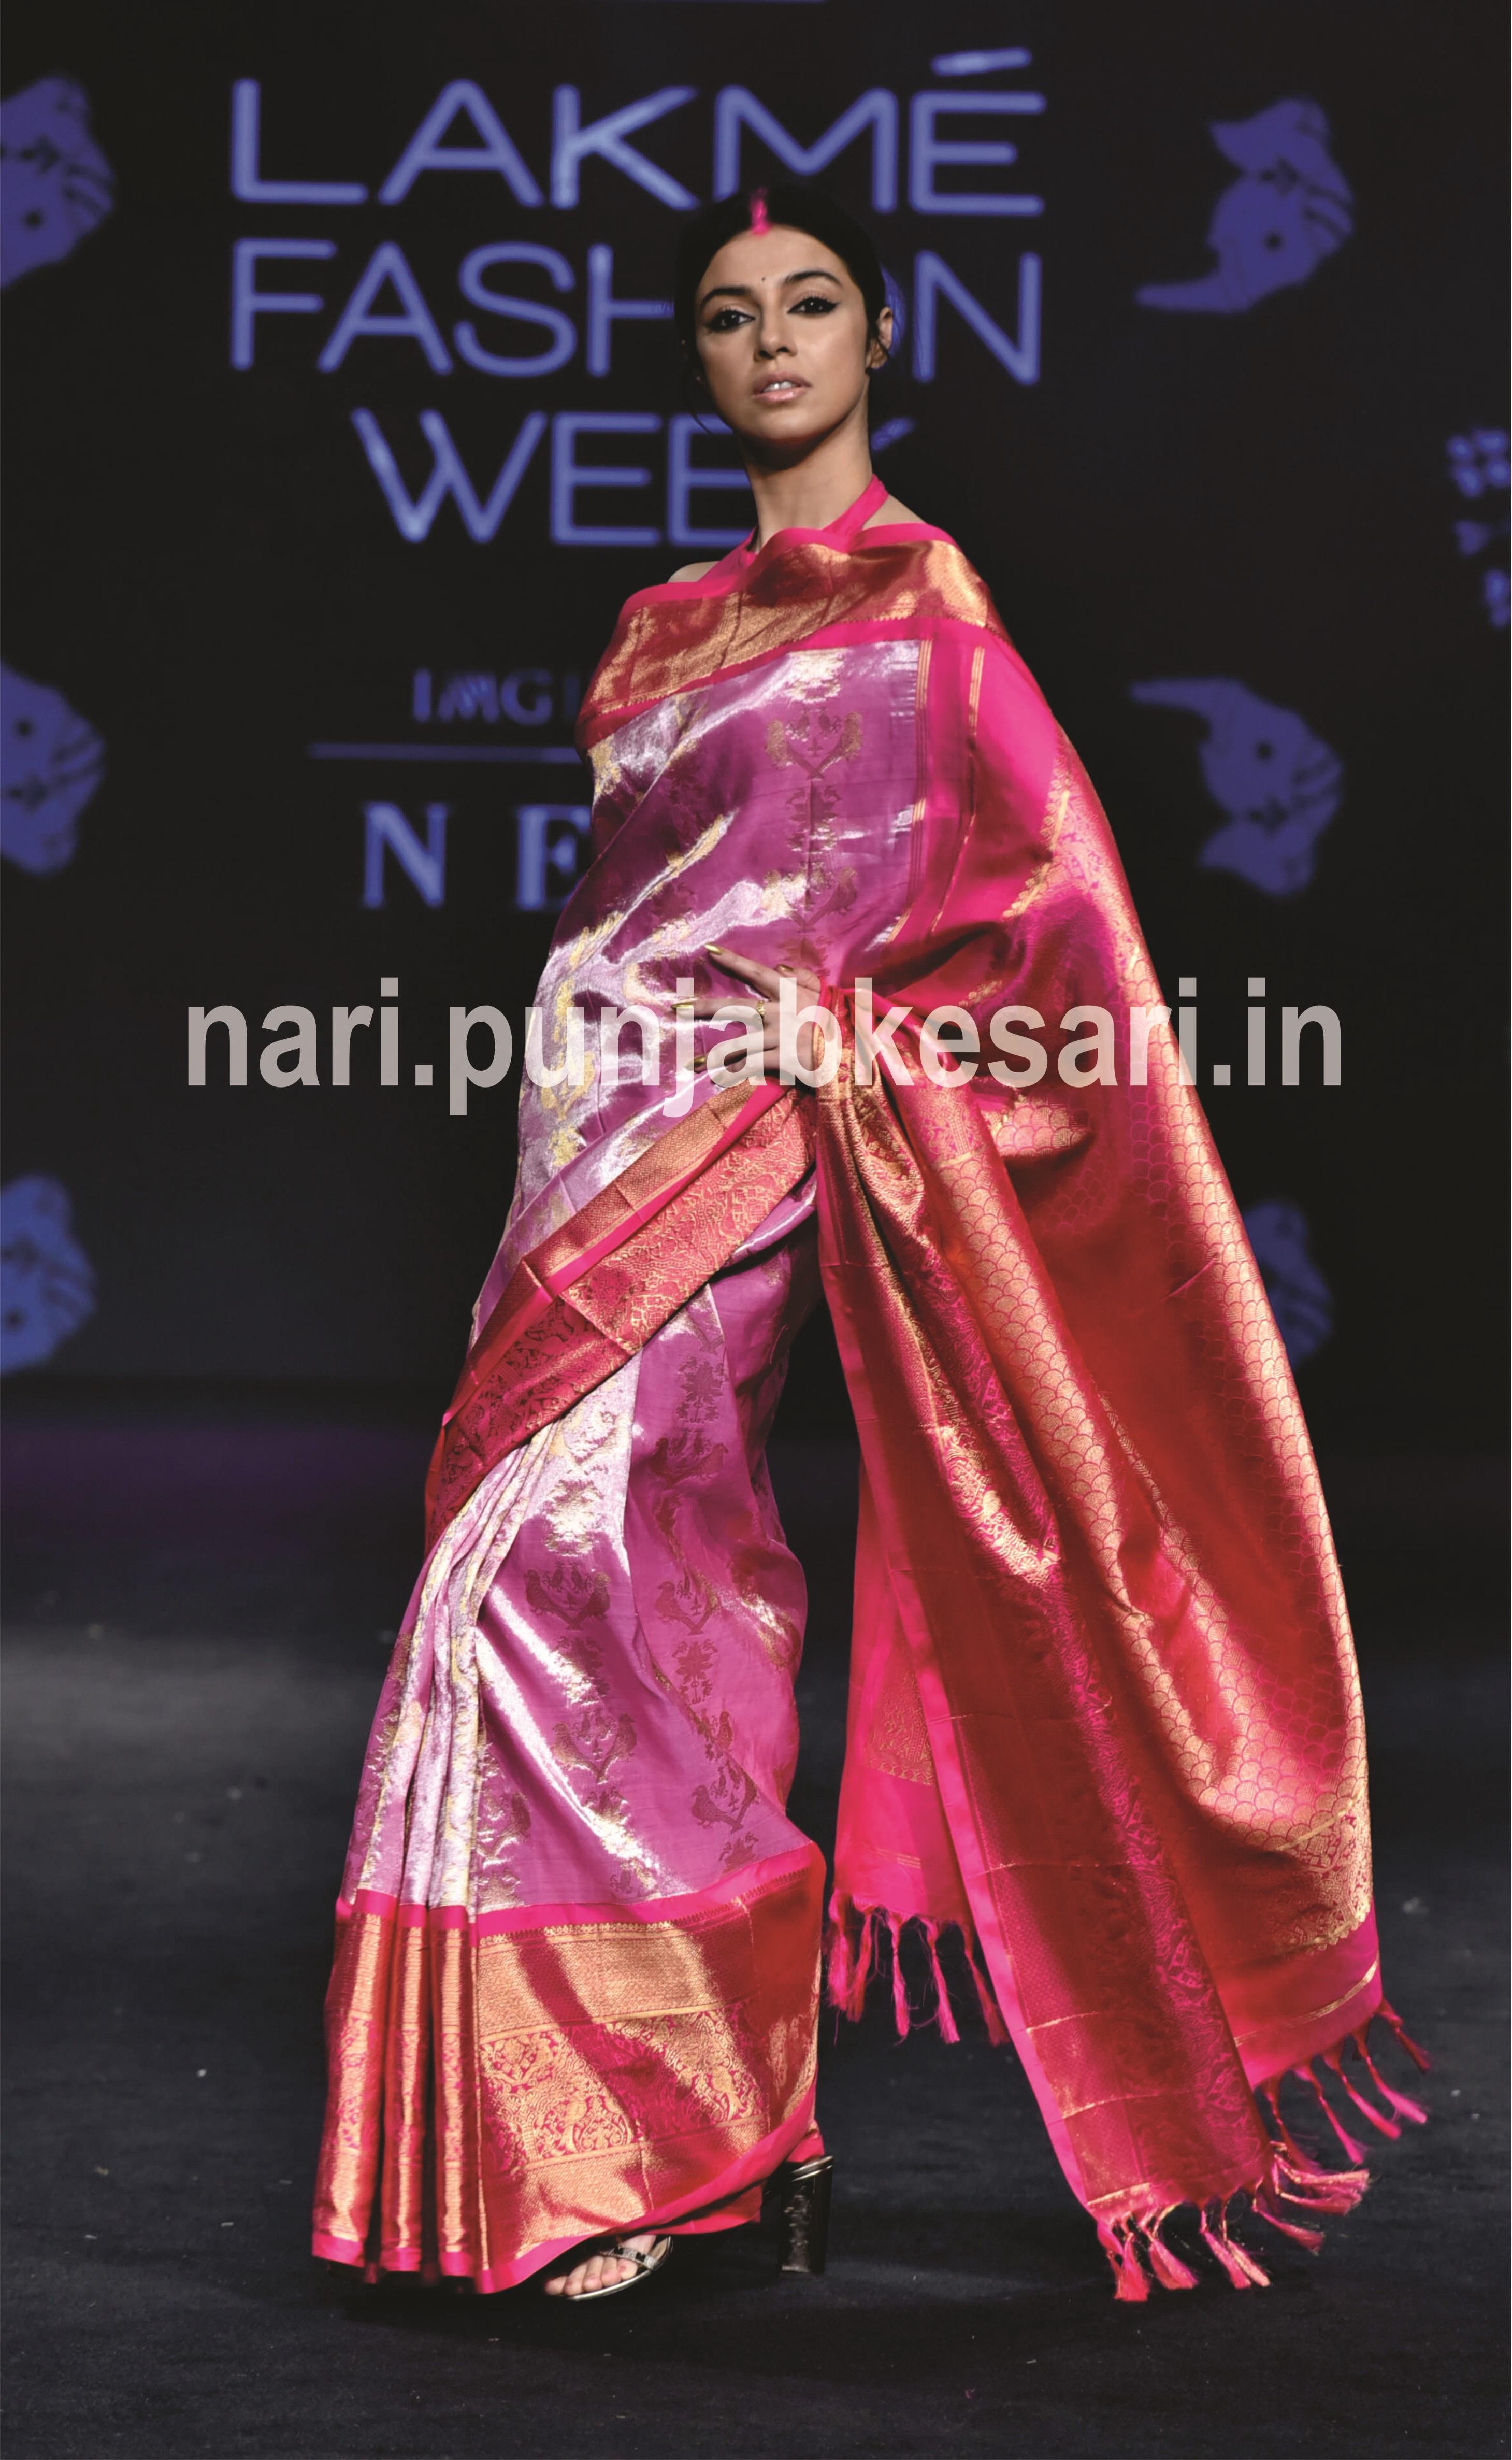 PunjabKesari, Nari, LFW19, Lakme Fashion Week,LFW19 Day 3